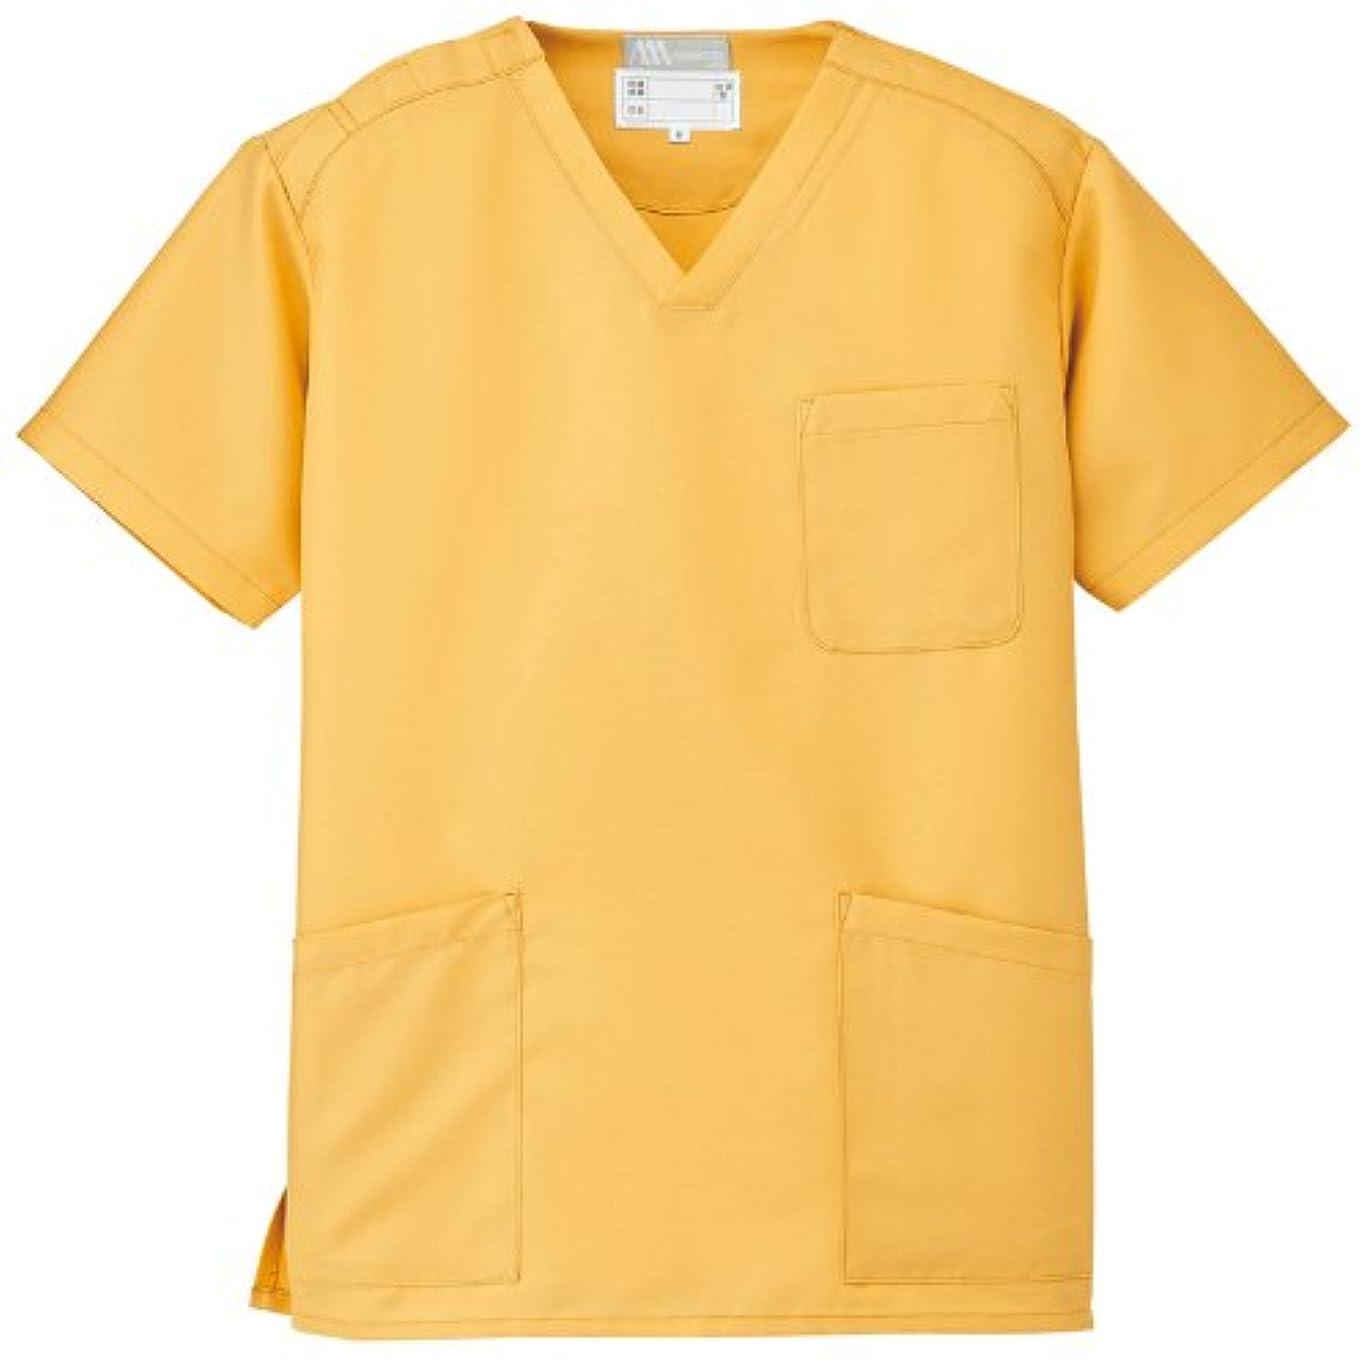 浮浪者軽医療の【Lumiere】ルミエール 驚異の18色展開 カラフル スクラブ 白衣 (861405) 【SS~6Lサイズ展開】